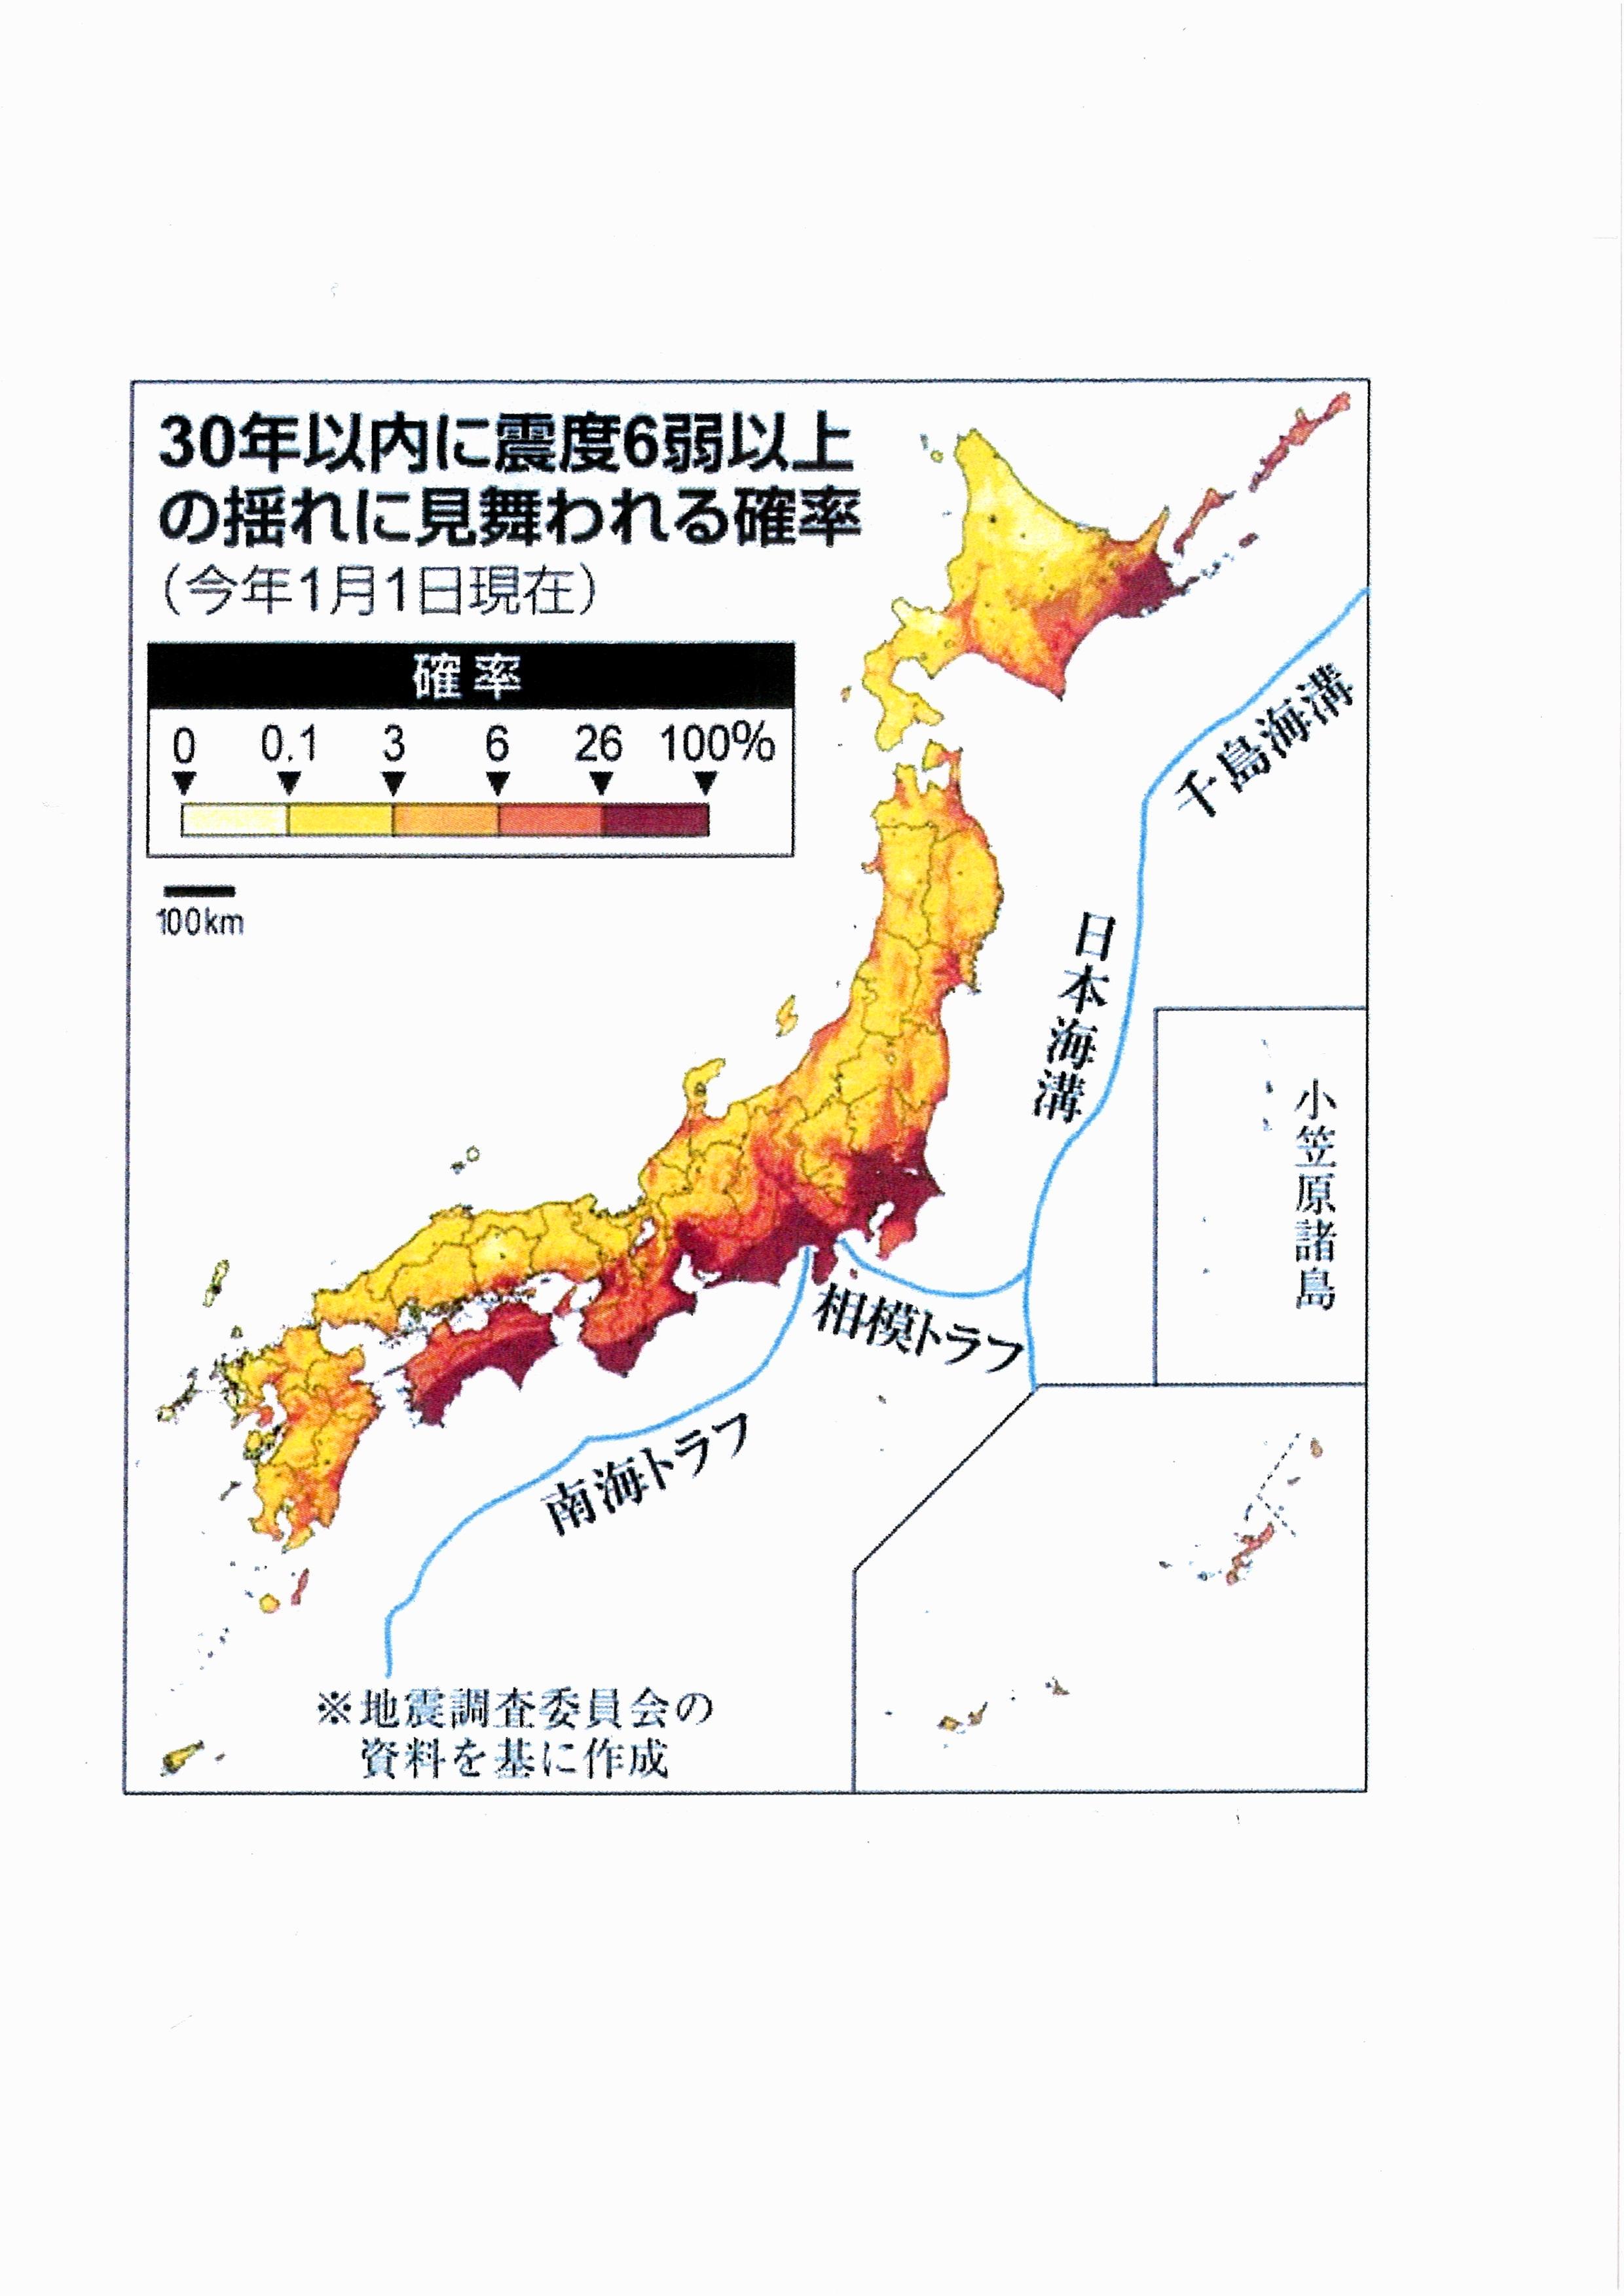 「30年以内に震度6弱以上の揺れに見舞われる確率予測地図」.jpg